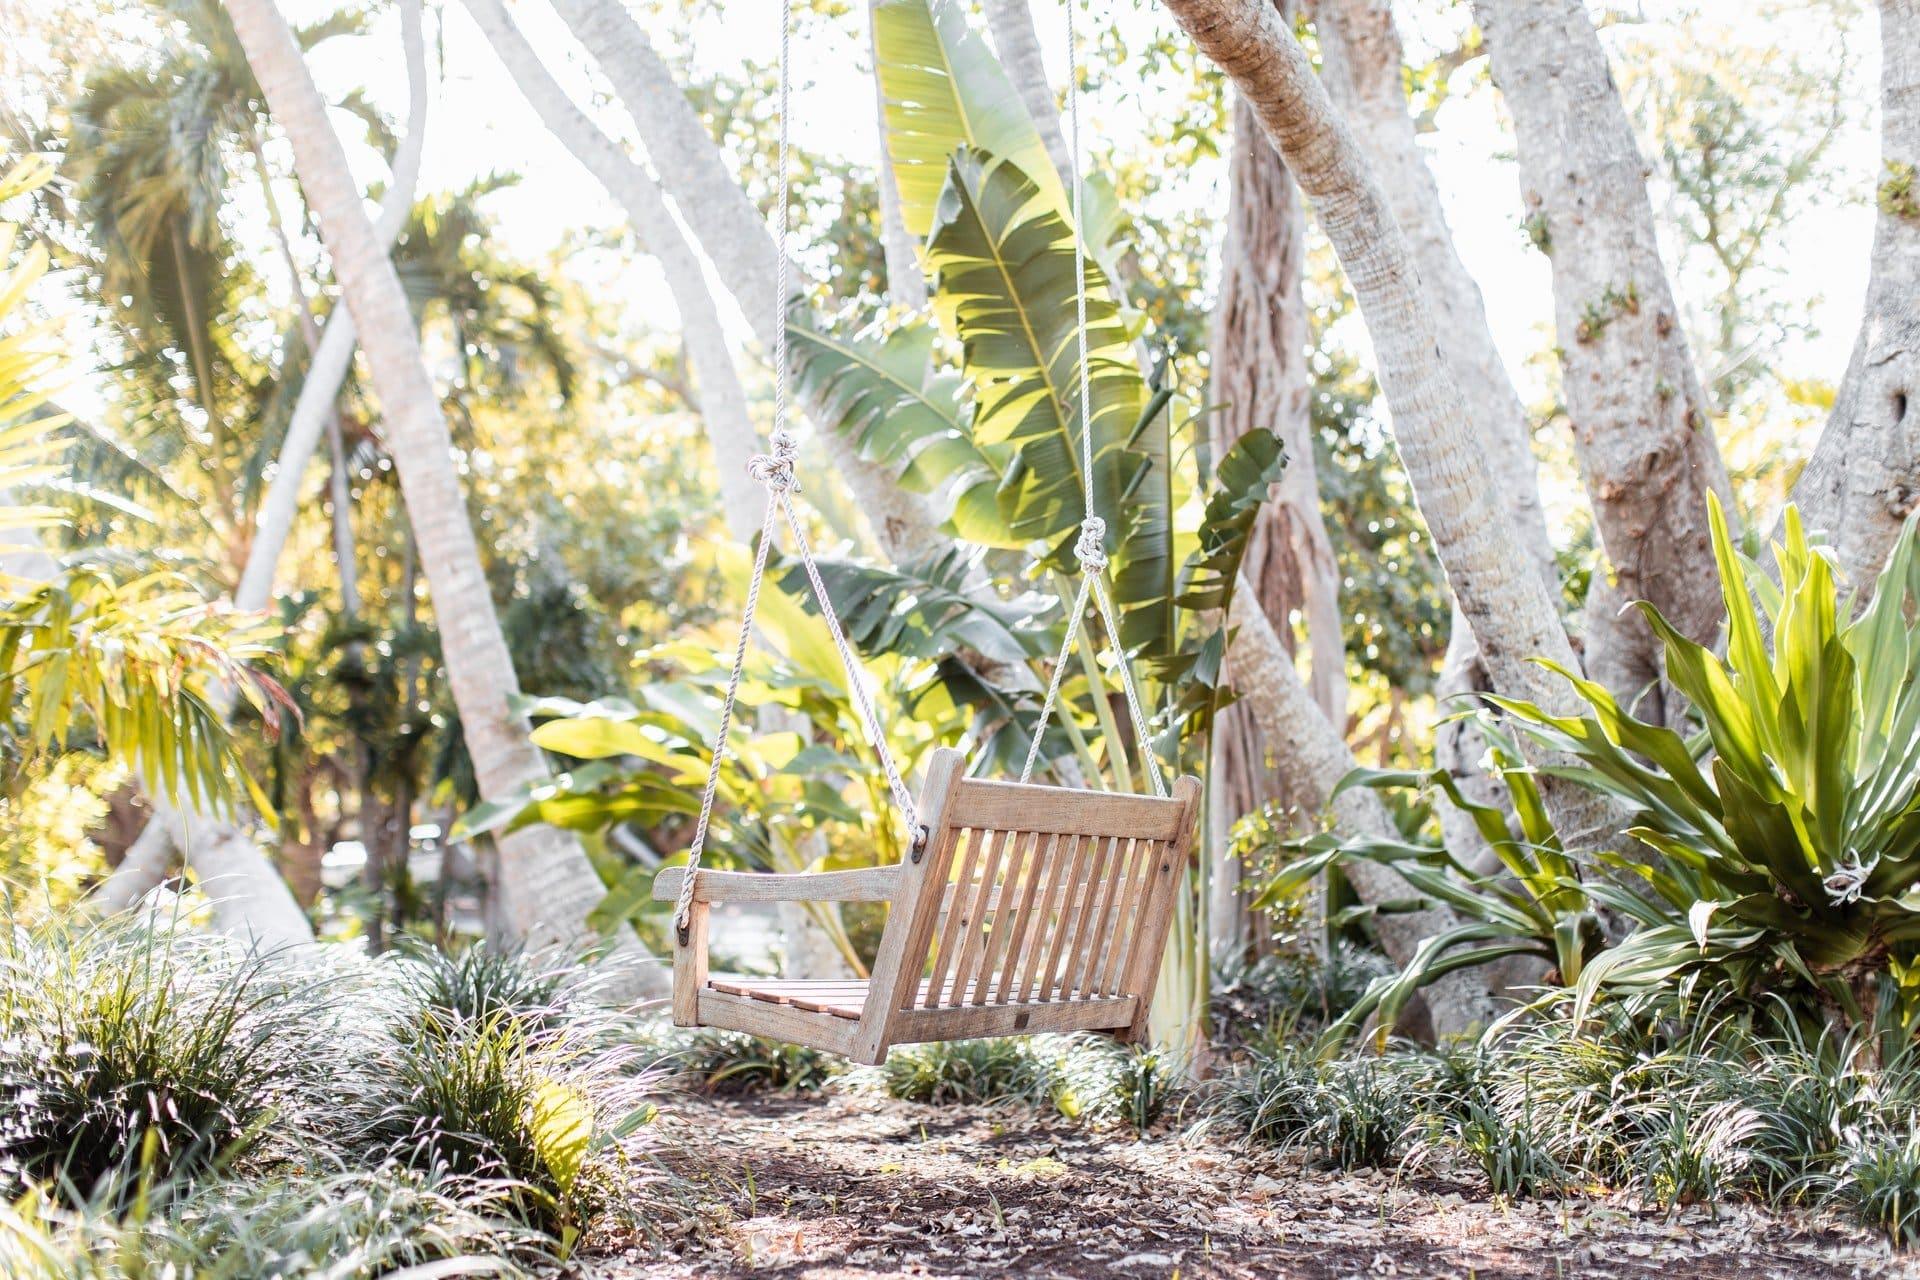 Záhradná hojdačka na strome